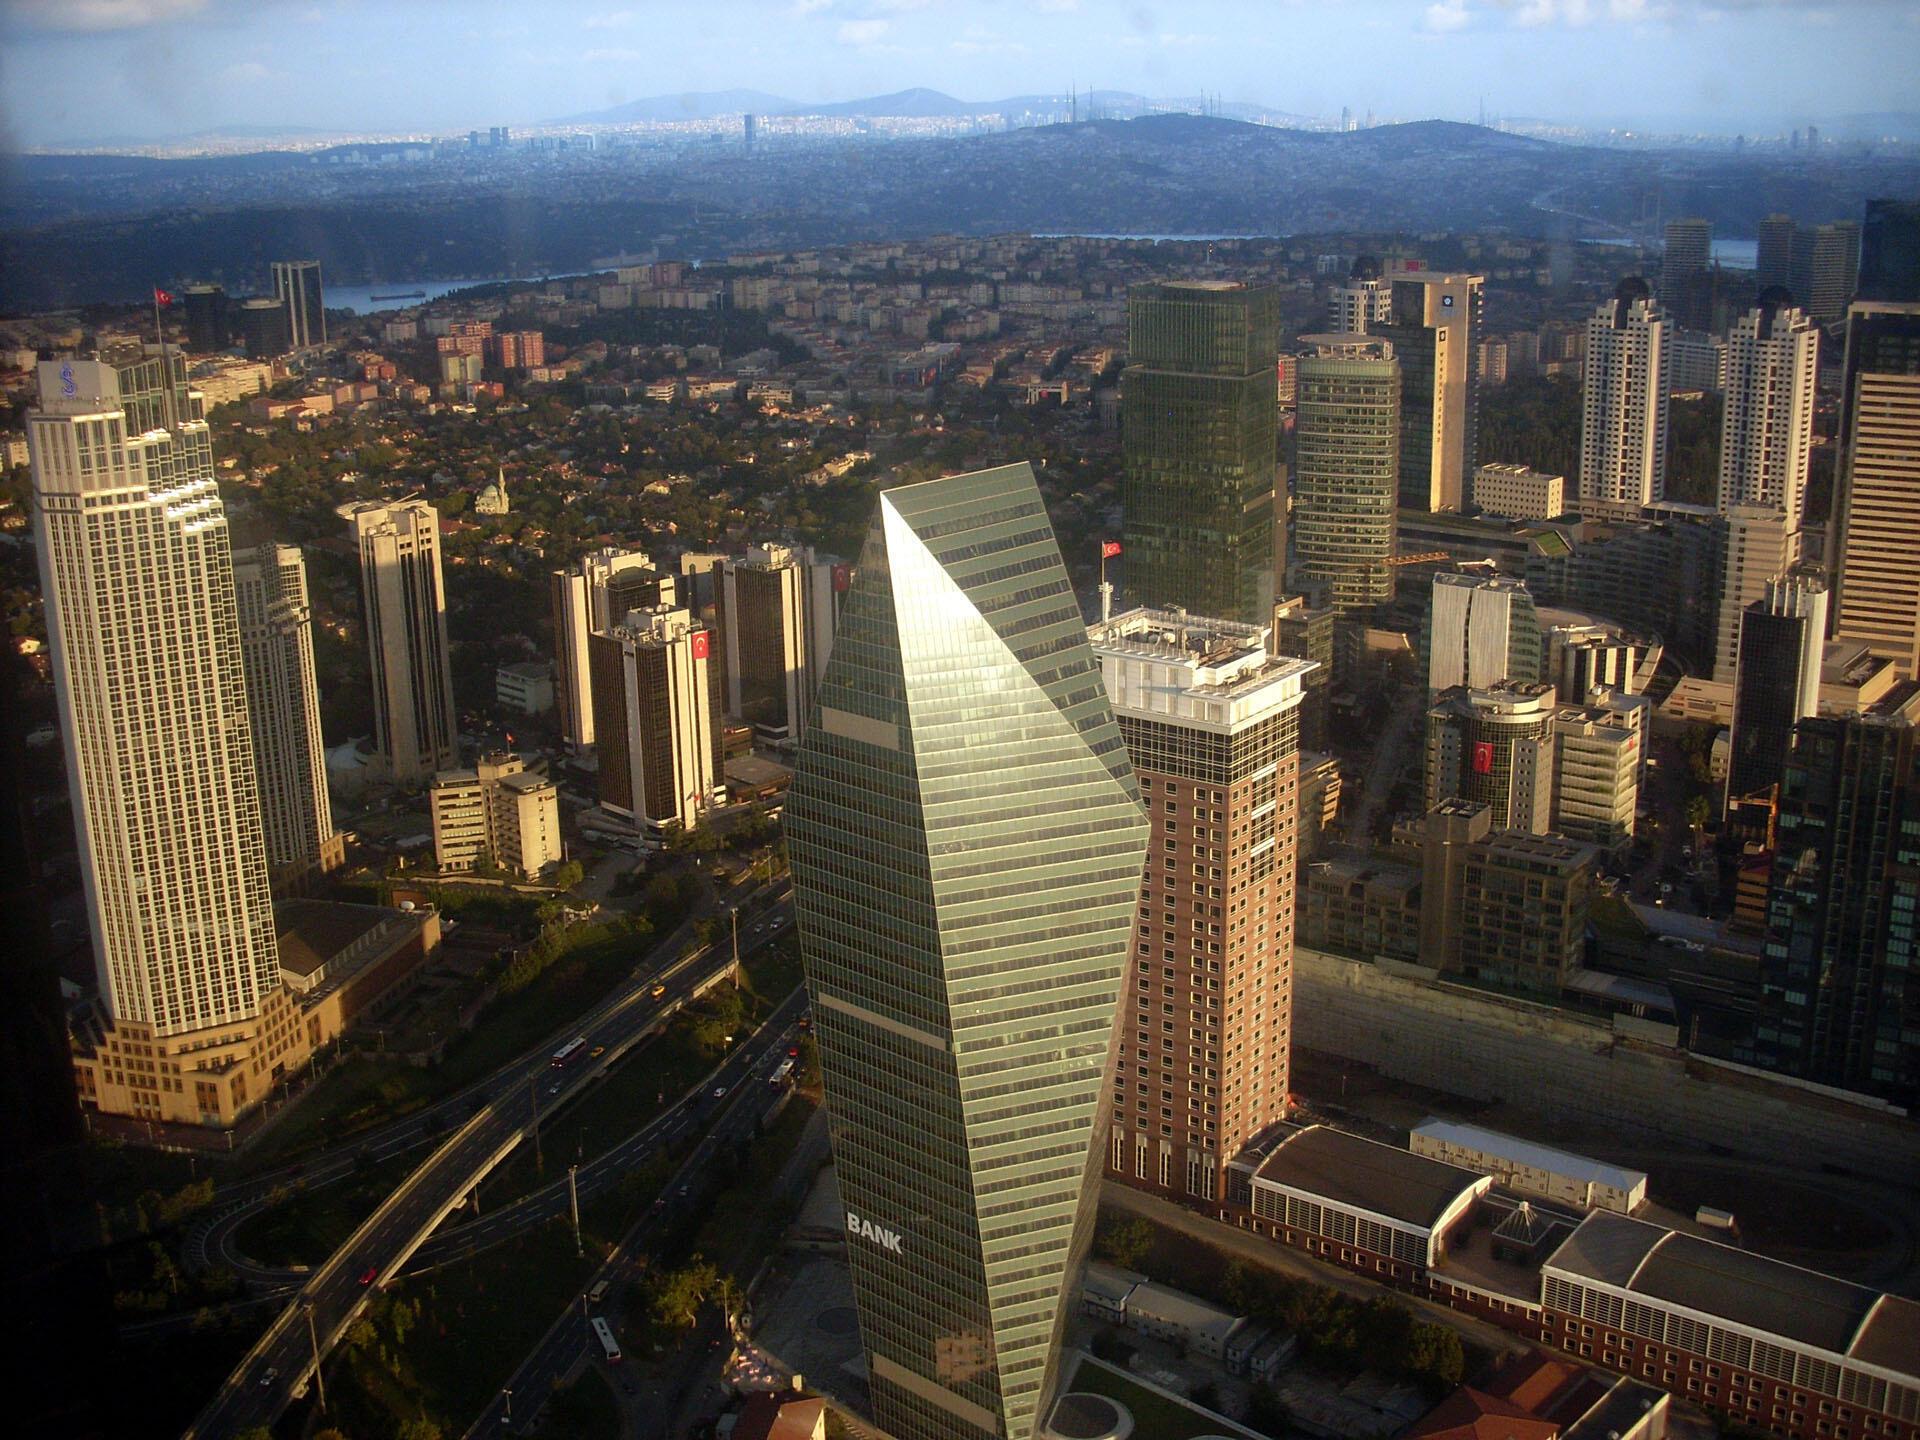 Vue de la ville d'Istanbul (image d'illustration).